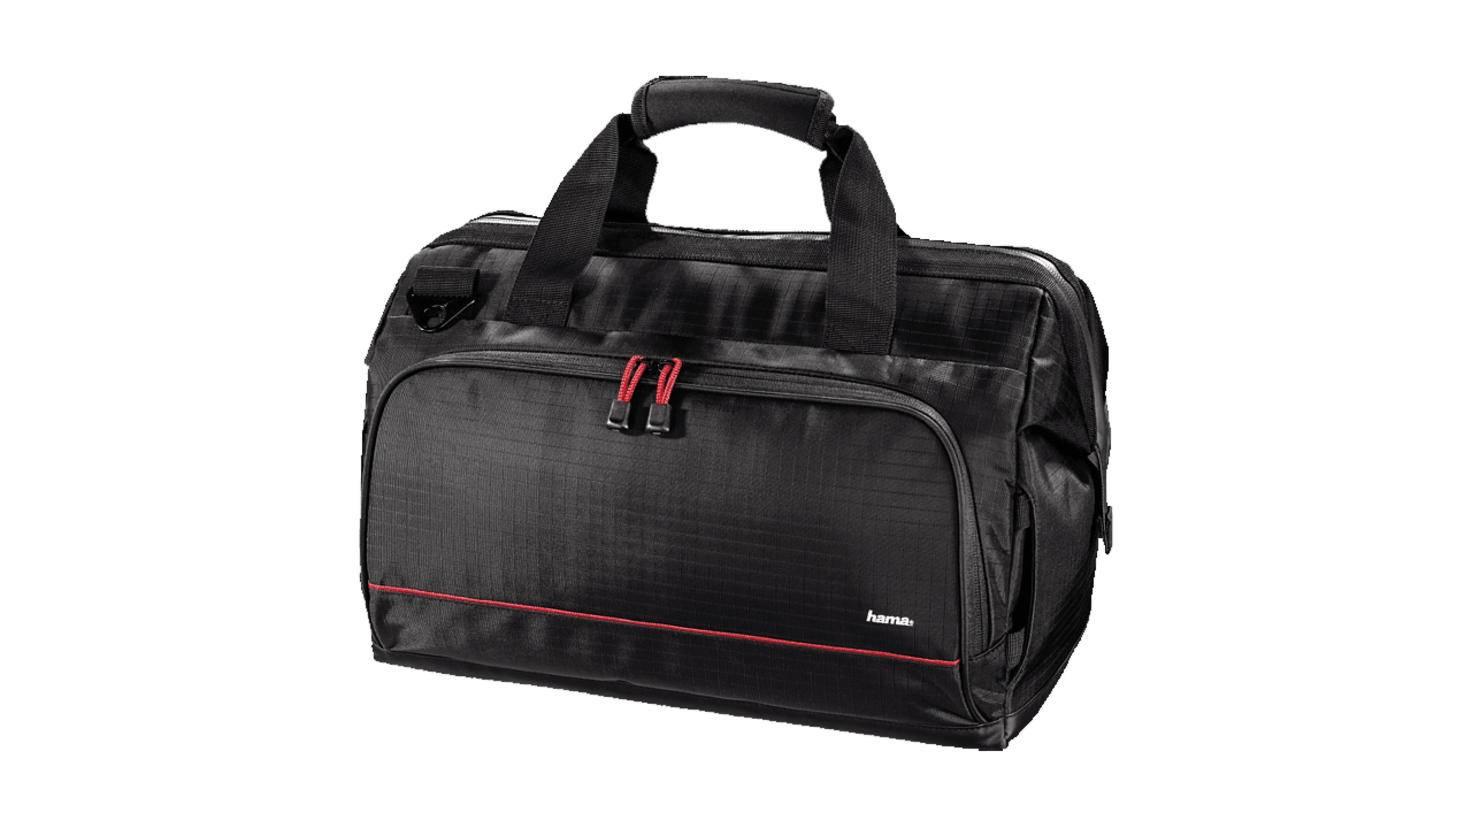 Die Hama-Kameratasche ist wie eine Arzttasche aufgebaut.